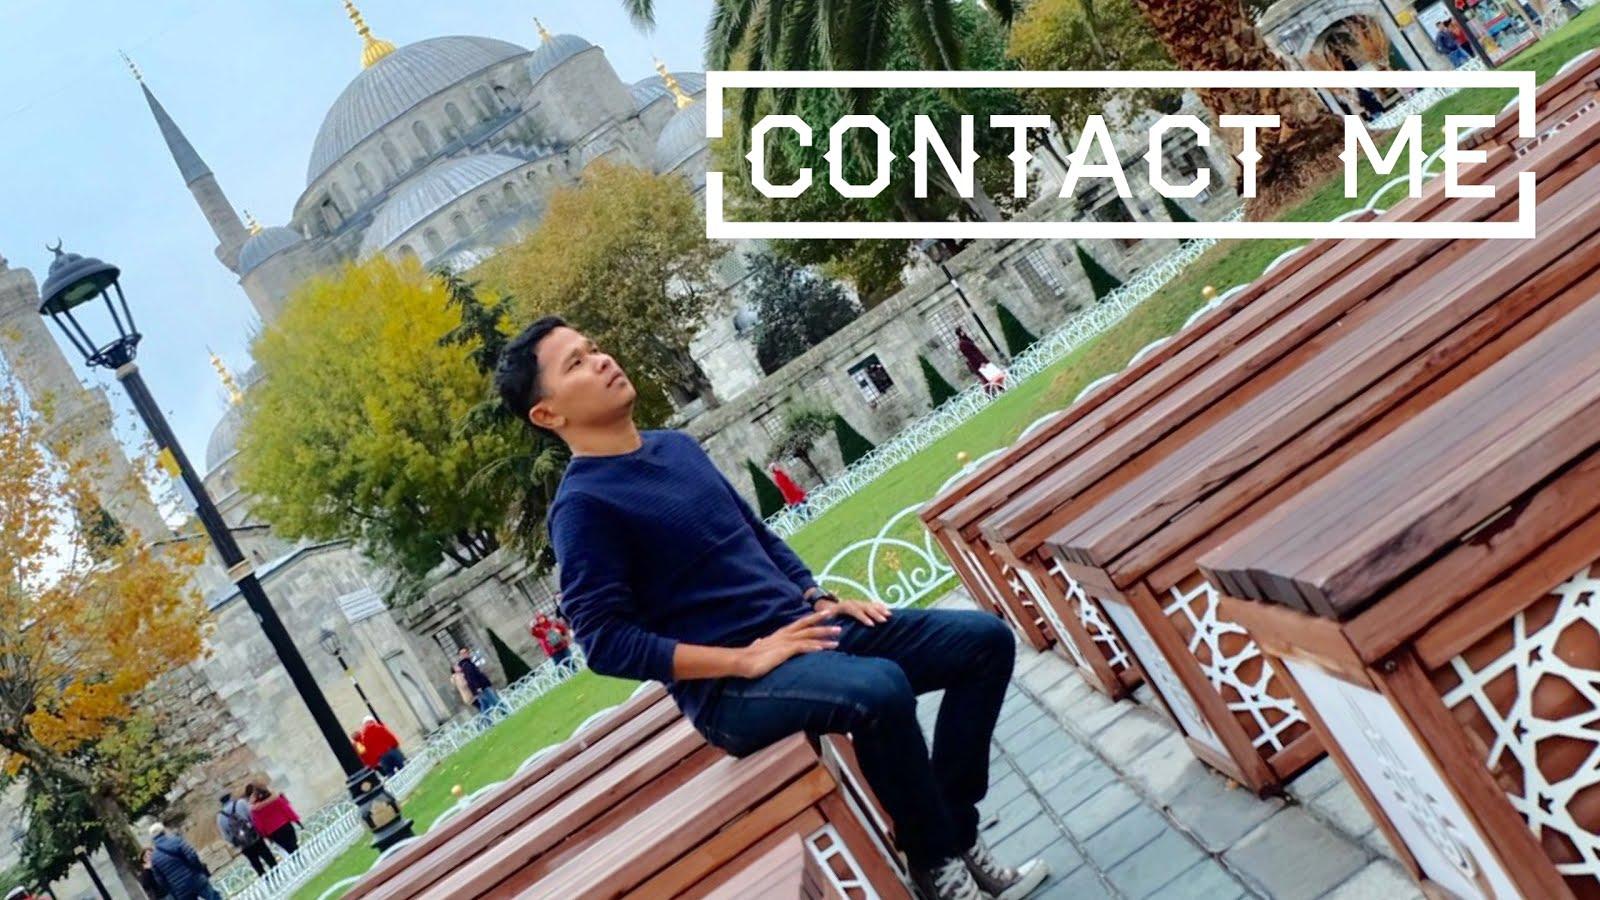 contact travengler